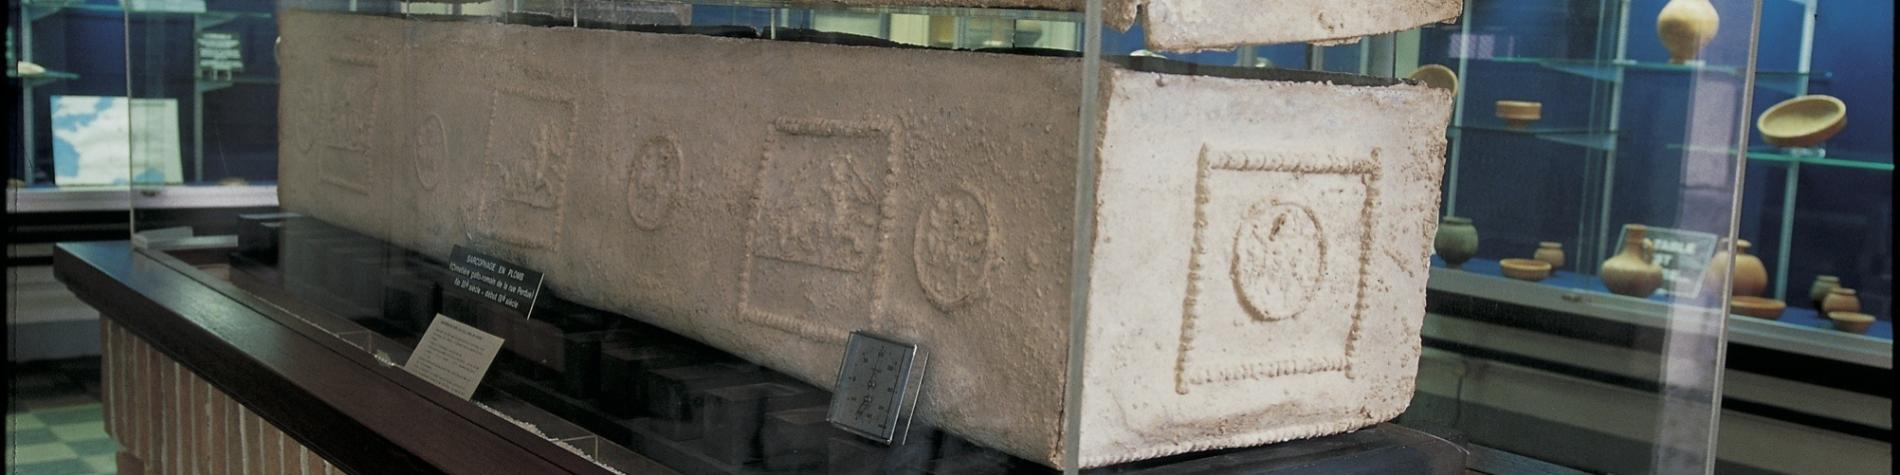 Musée - archéologie - histoire - Tournai